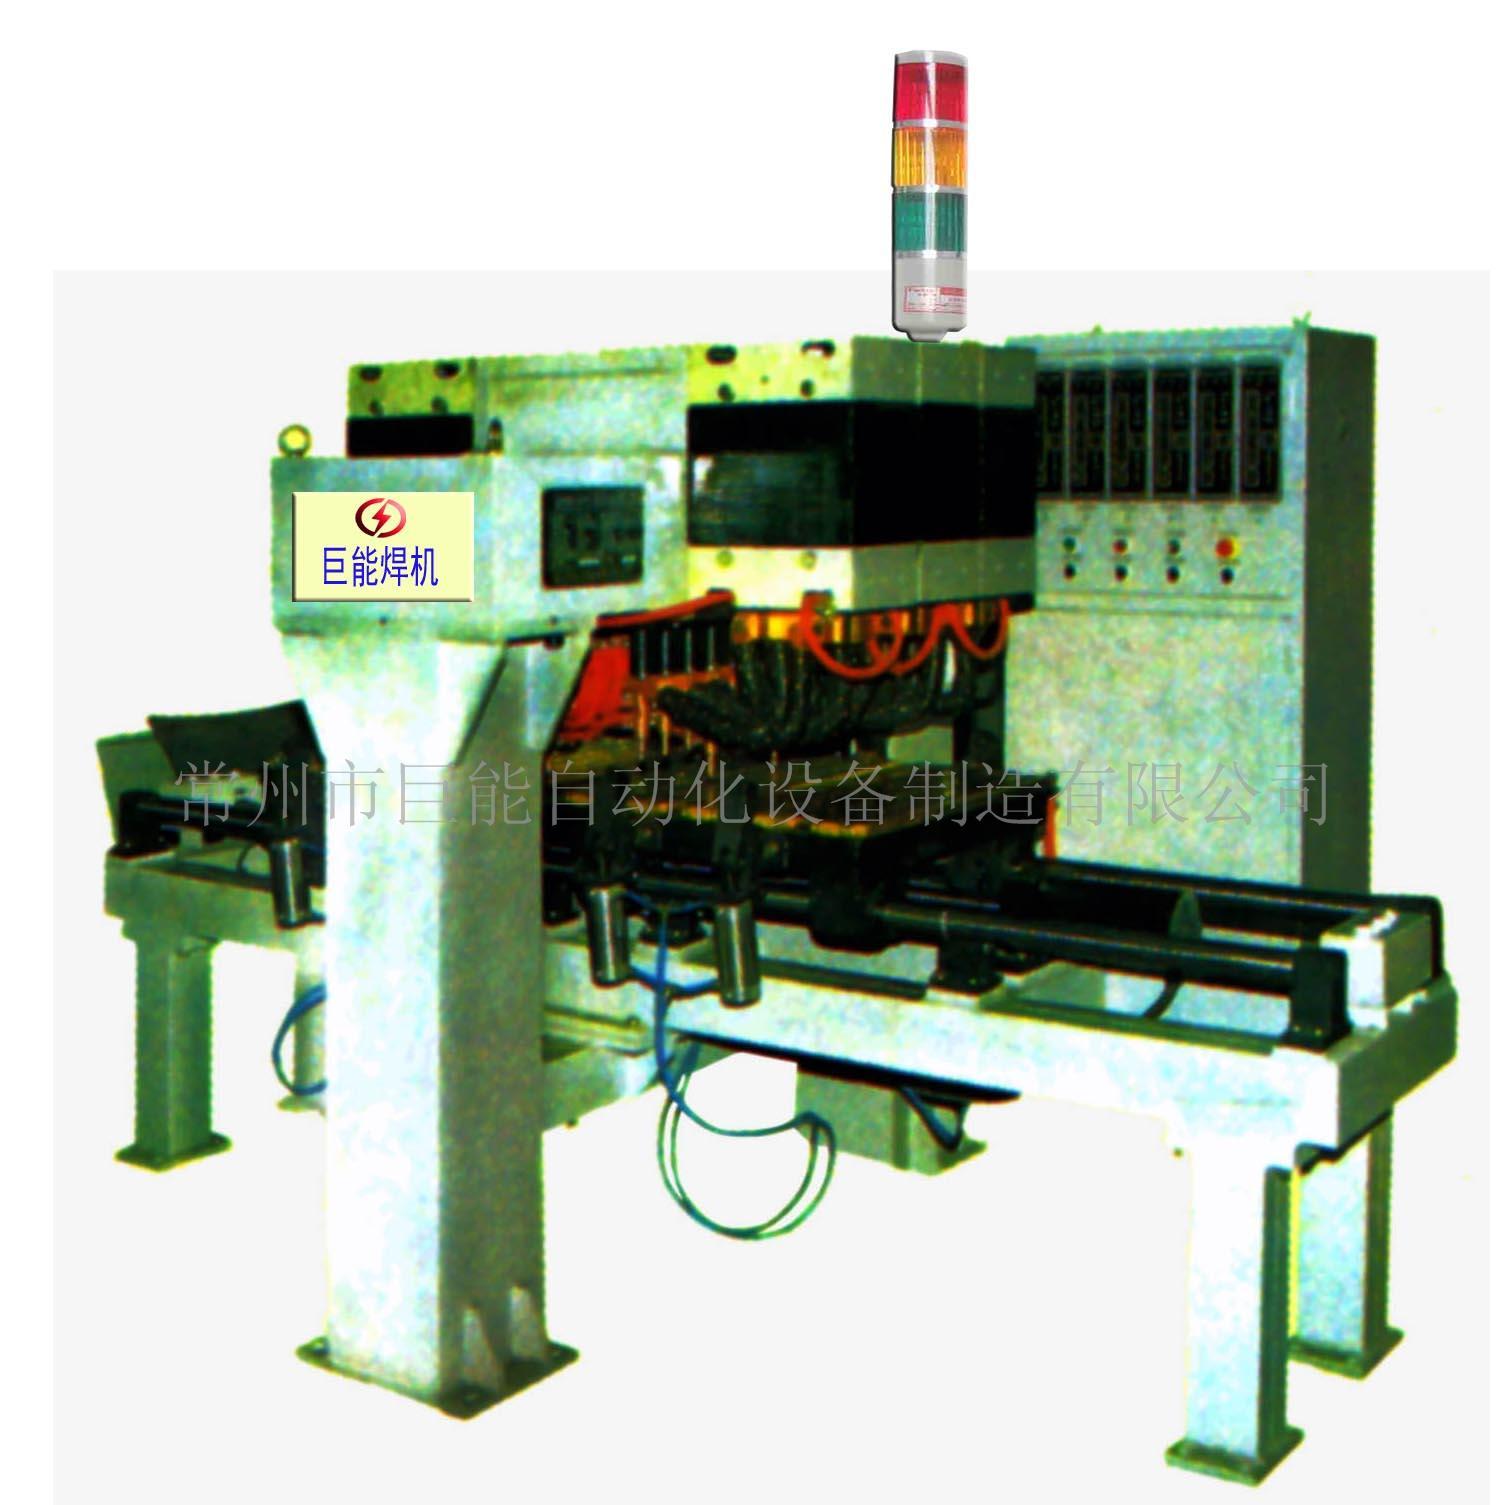 2,电阻焊接原理,是用电极对焊件施加压力的同时通电,利用电极间的